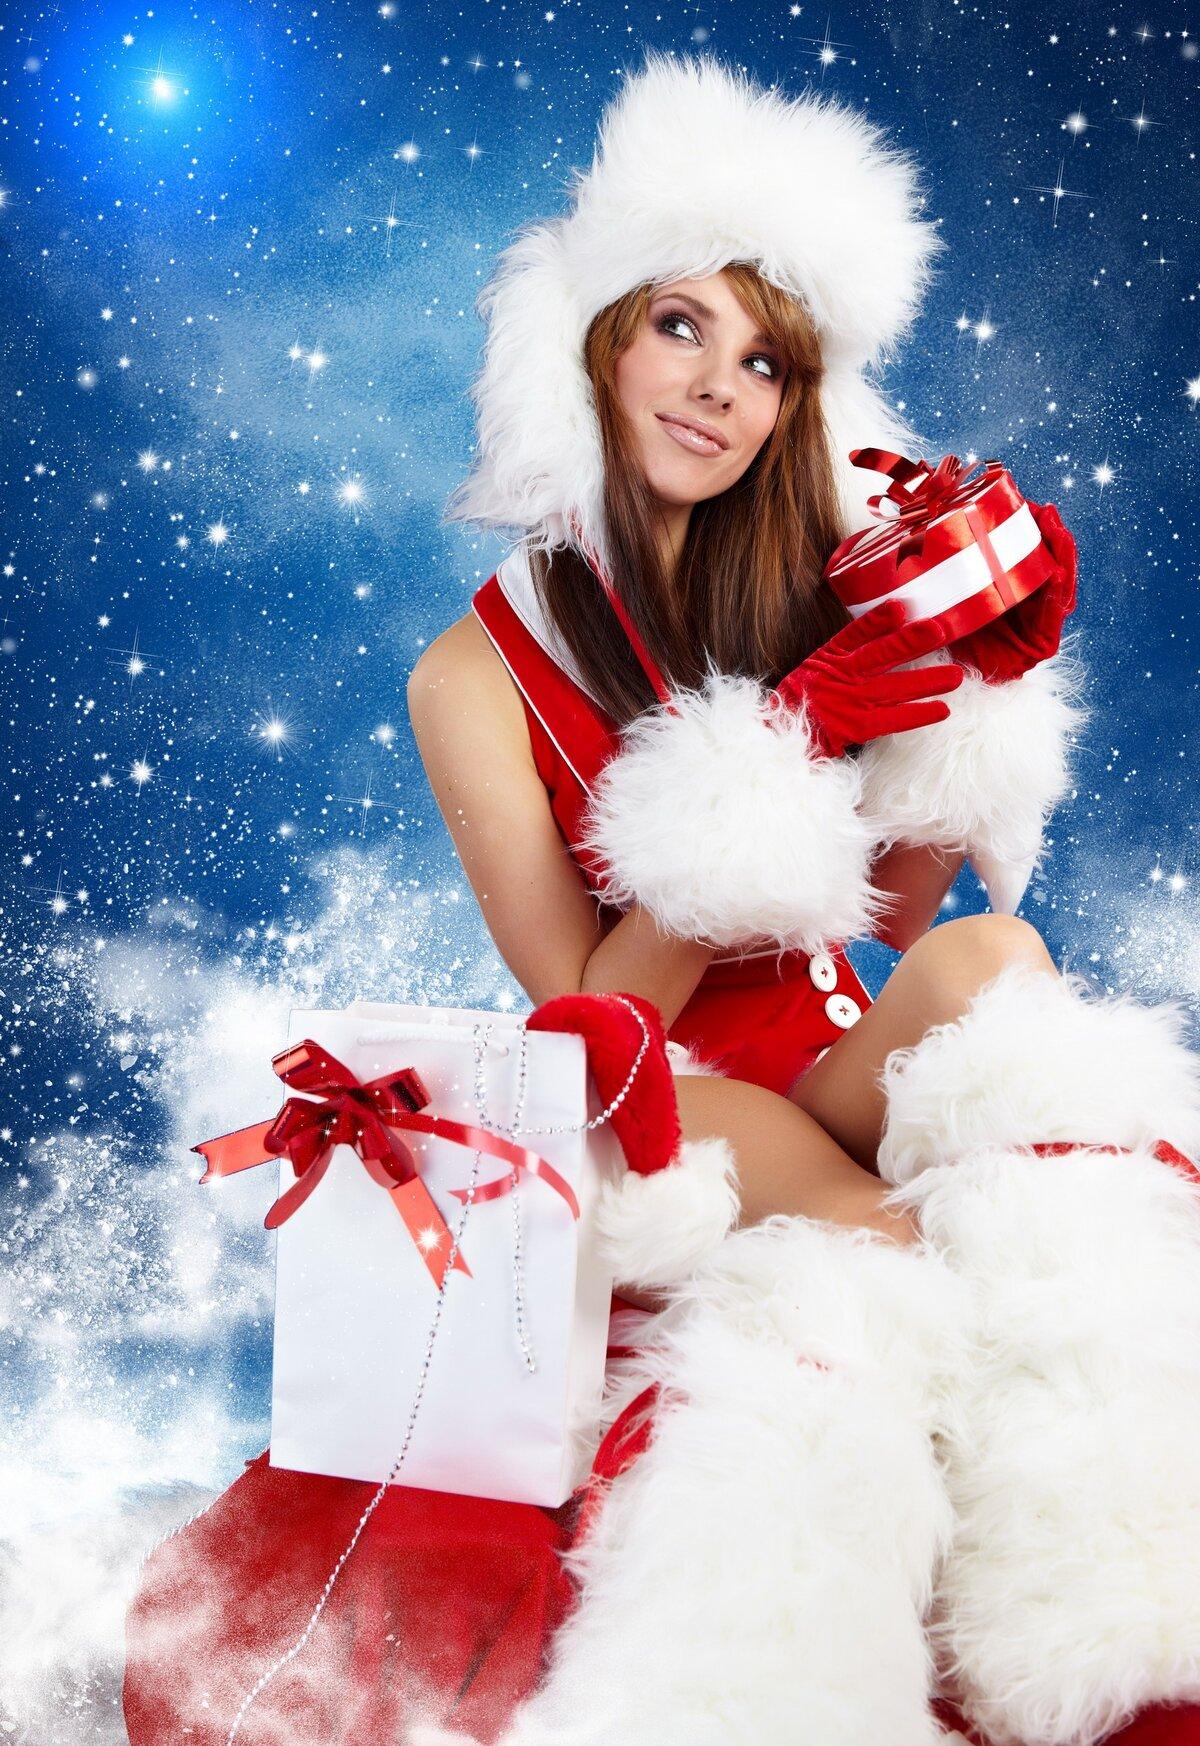 Картинки красивые снегурочек